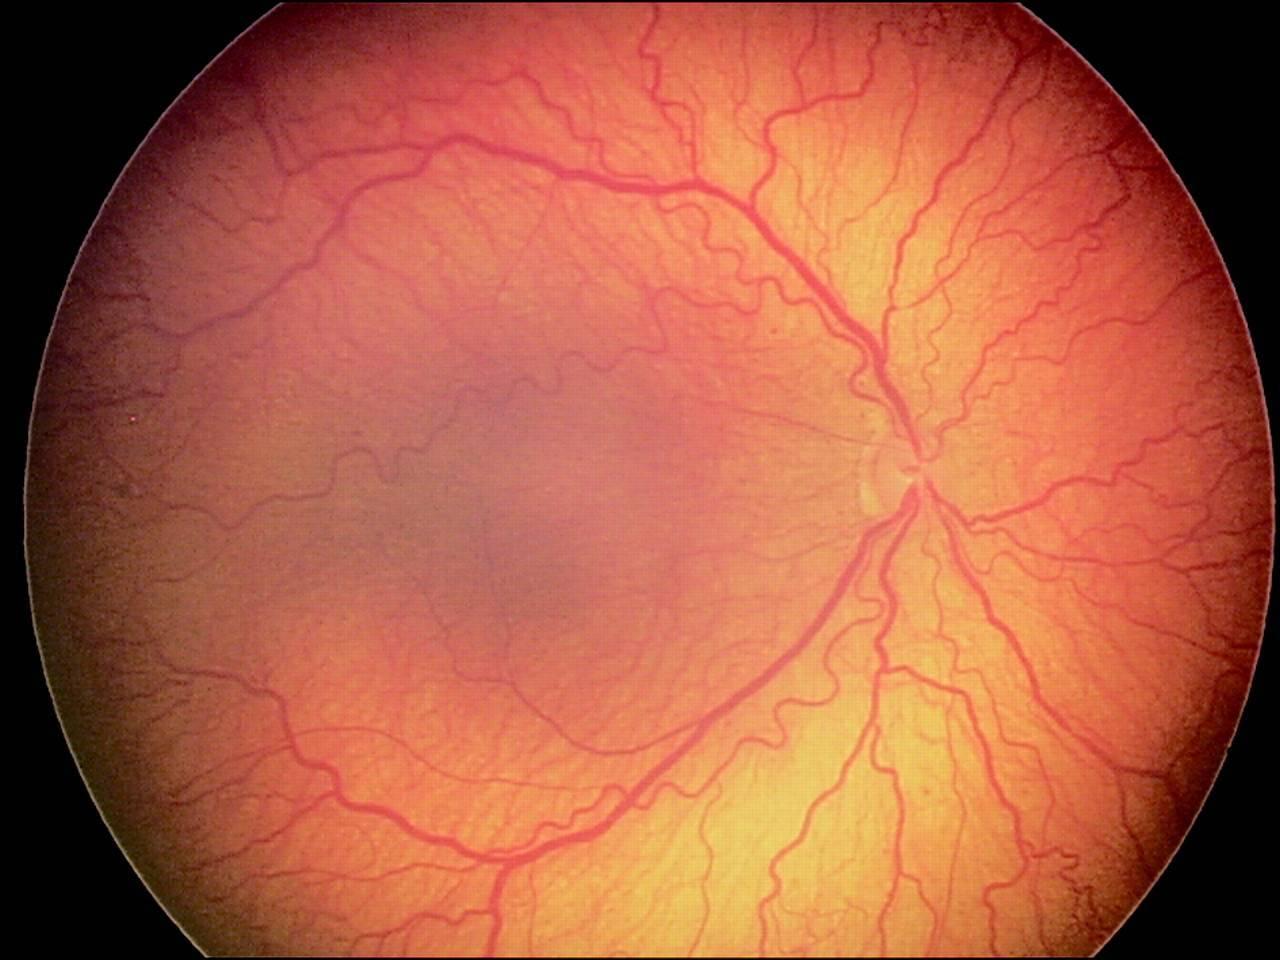 Ангиопатия сетчатки глаза у ребенка что это